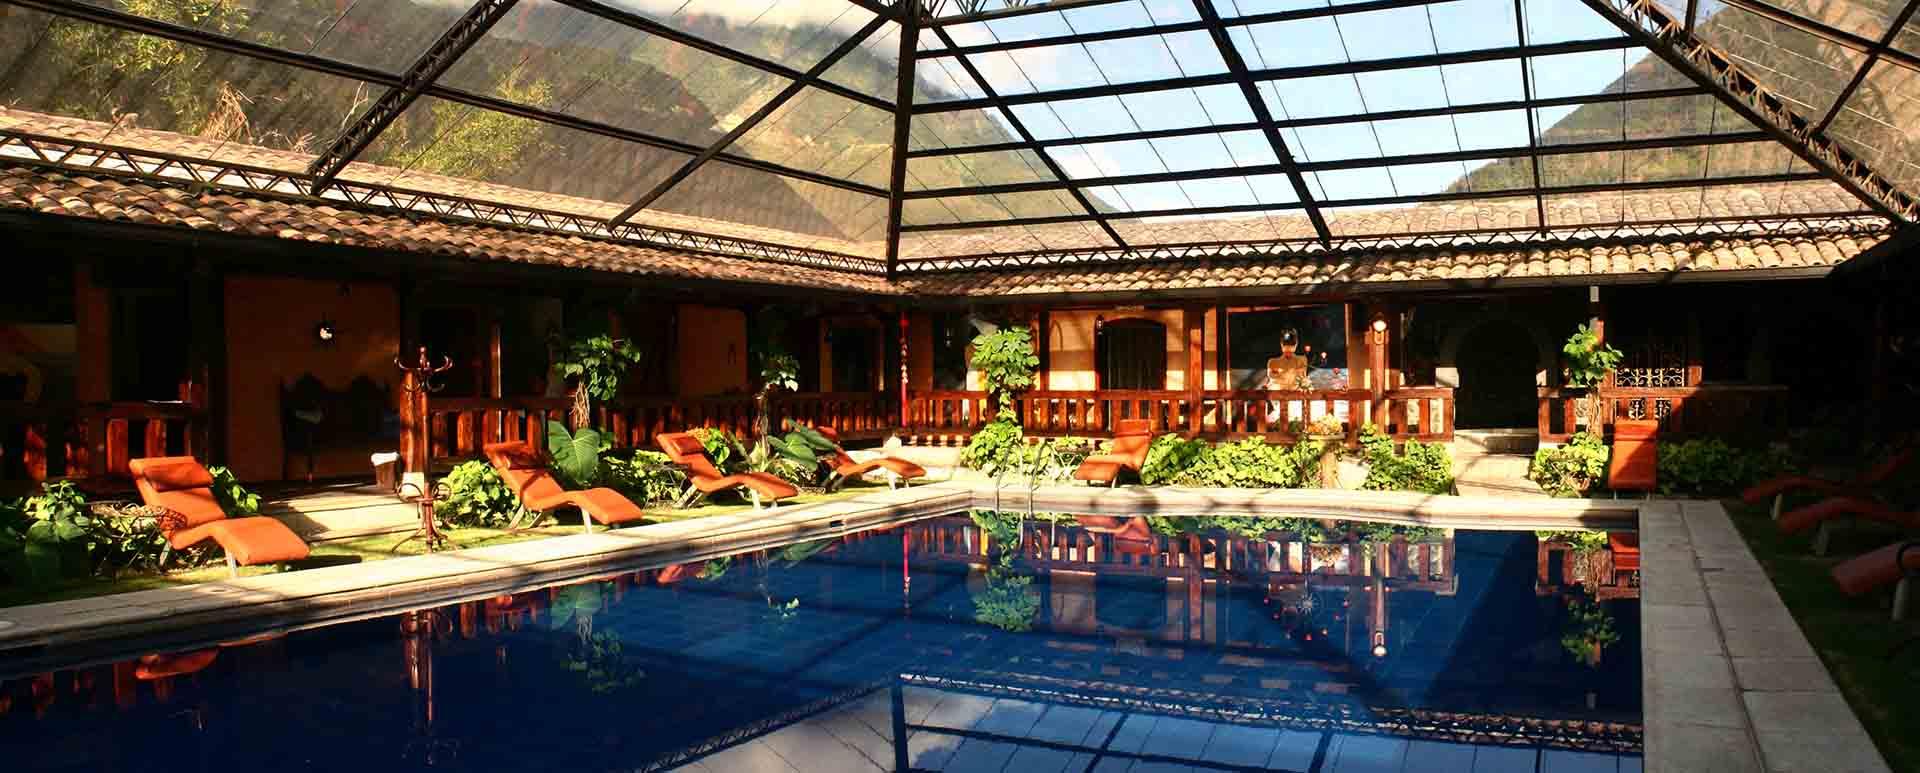 Samari Spa & Resort pool